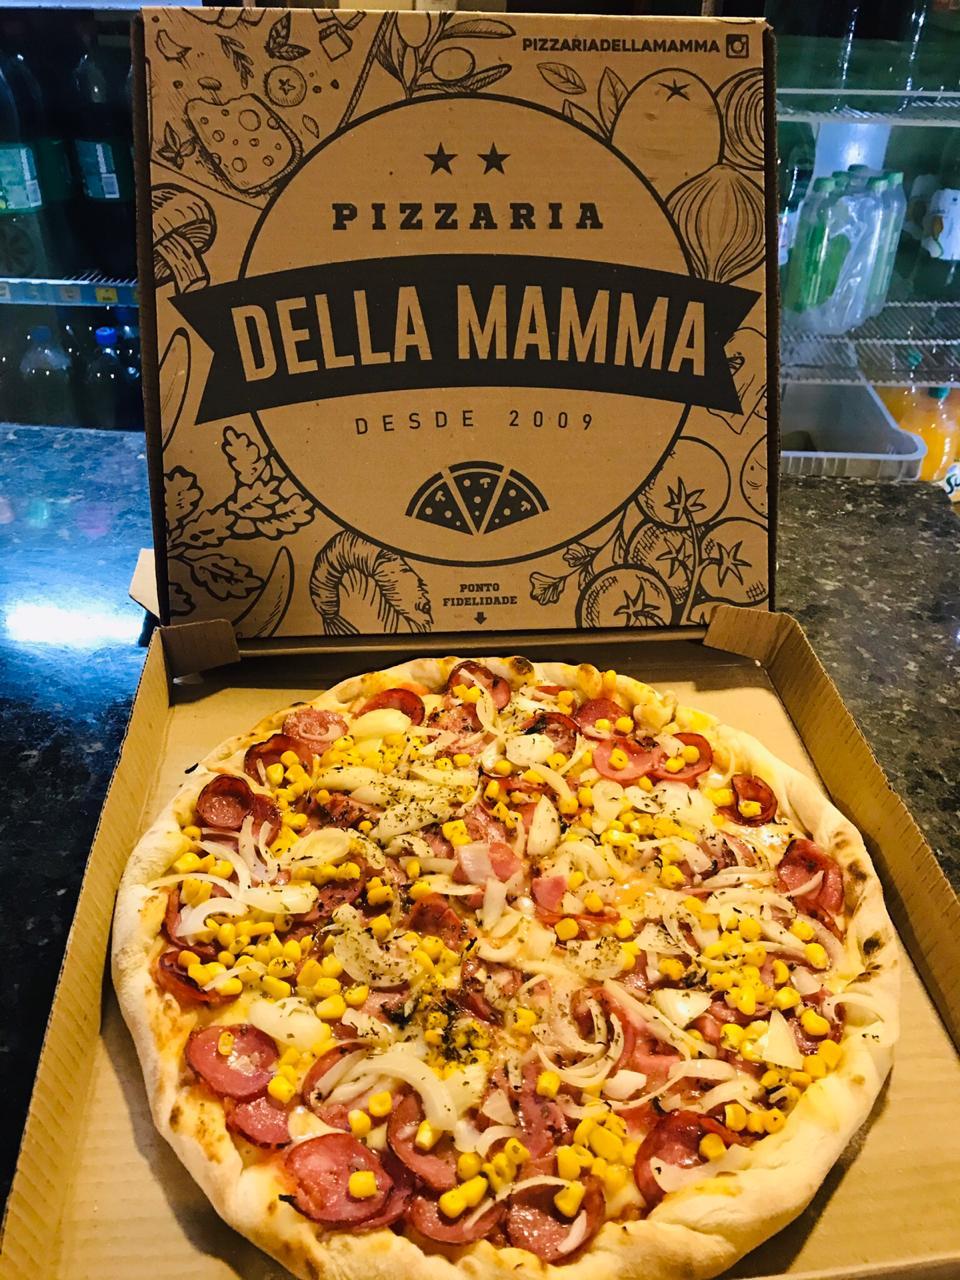 SEGUNDA À QUINTA: Pizza com Borda recheada (Sabores: Baiana, Calabresa, Marguerita, Milho, Mista, Mussarela e Portuguesa) por apenas R$21,99